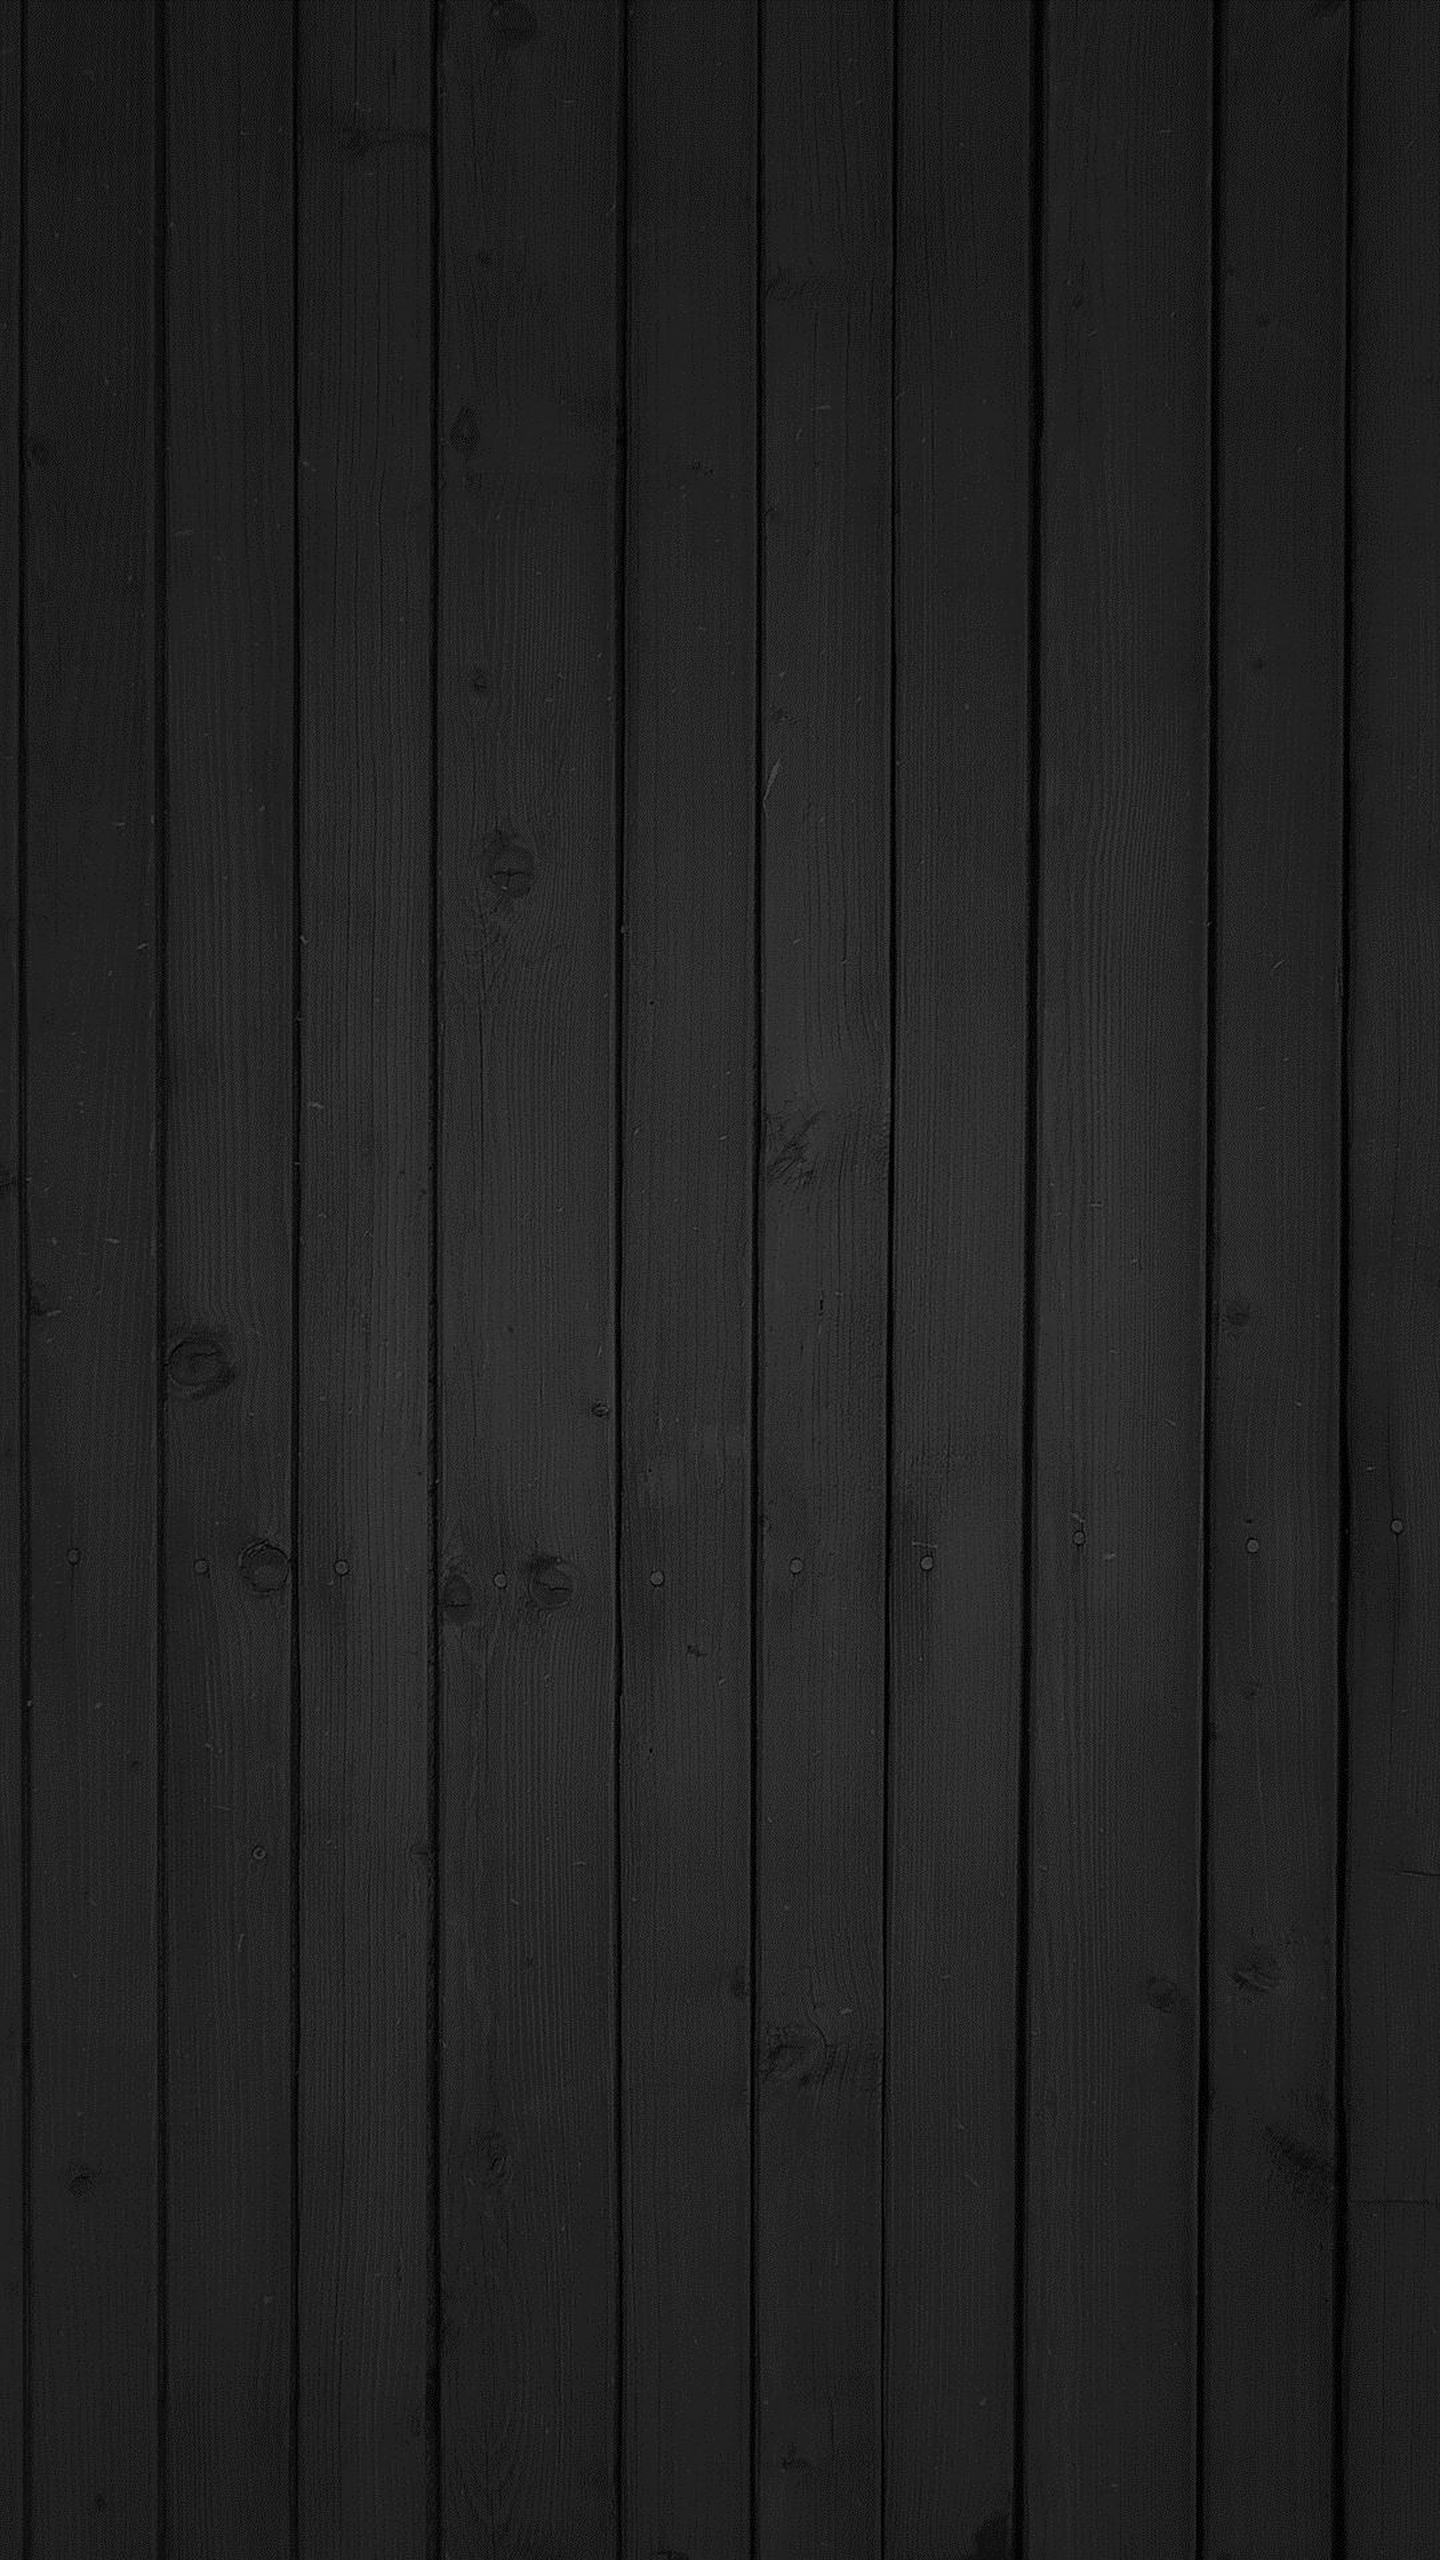 Vertical Black Wood Beams Galaxy Note 4 Wallpaper Quad HD 1440x2560 1440x2560